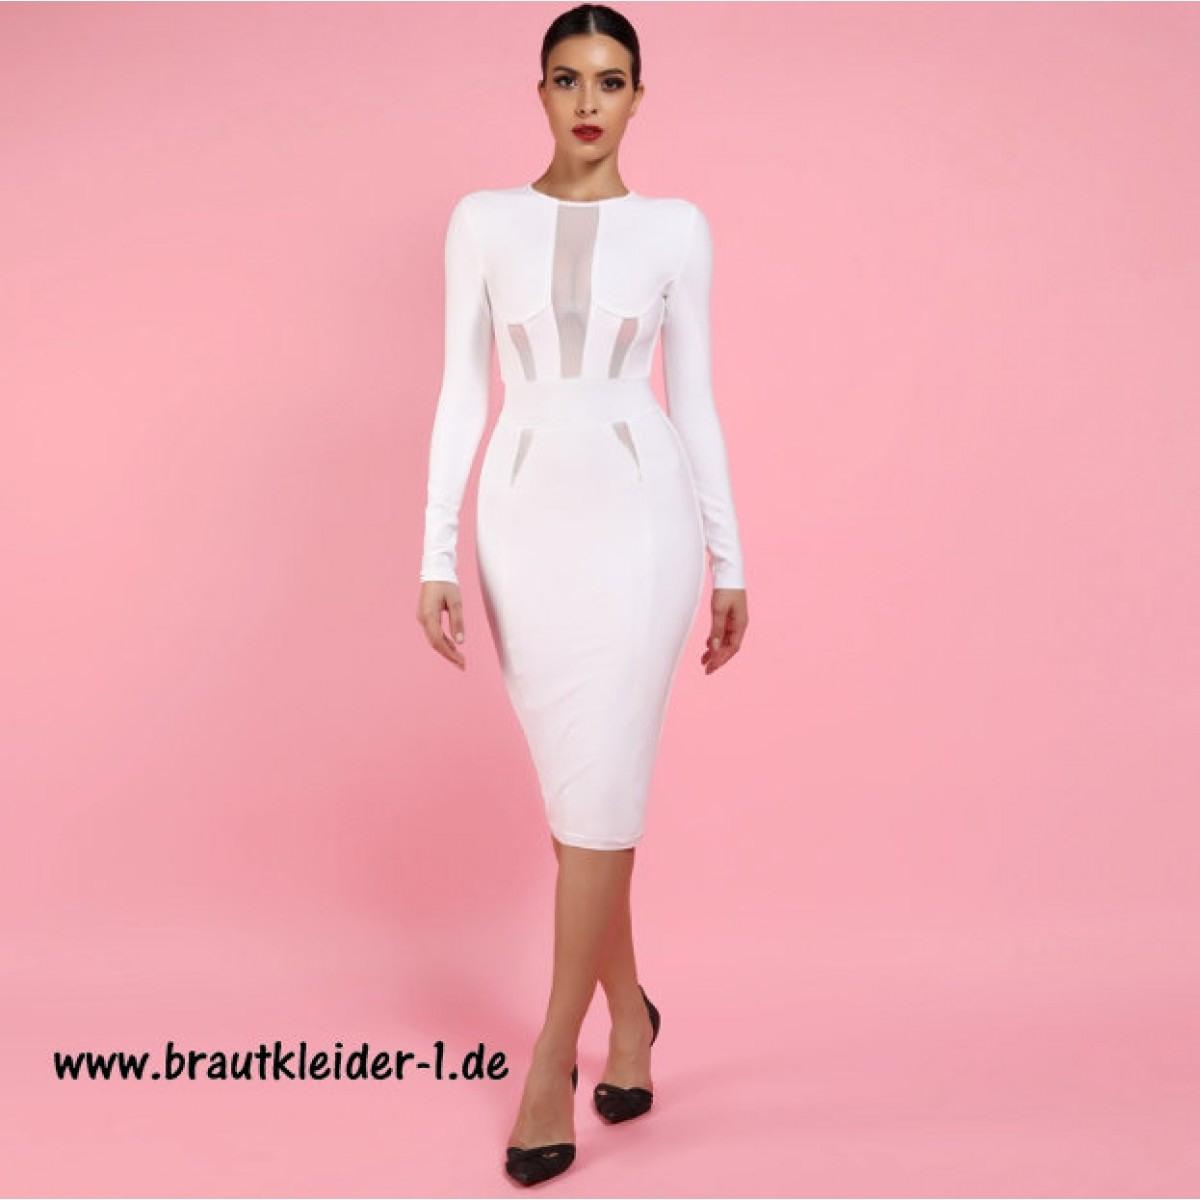 Schön Kleid Elegant Knielang Ärmel15 Luxus Kleid Elegant Knielang Vertrieb